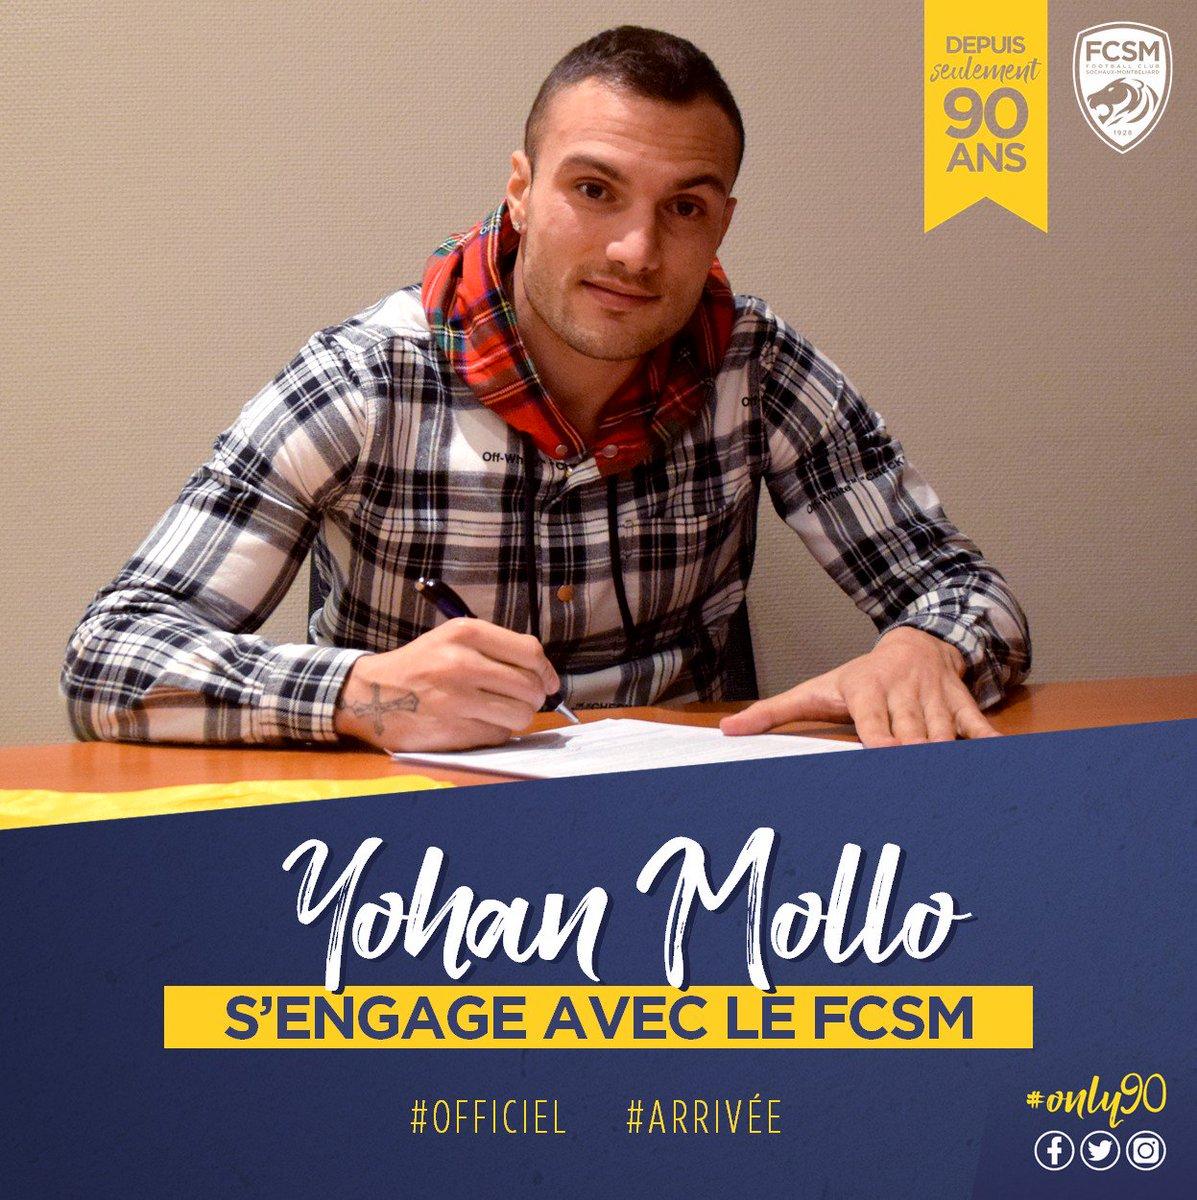 Yohan_mollo